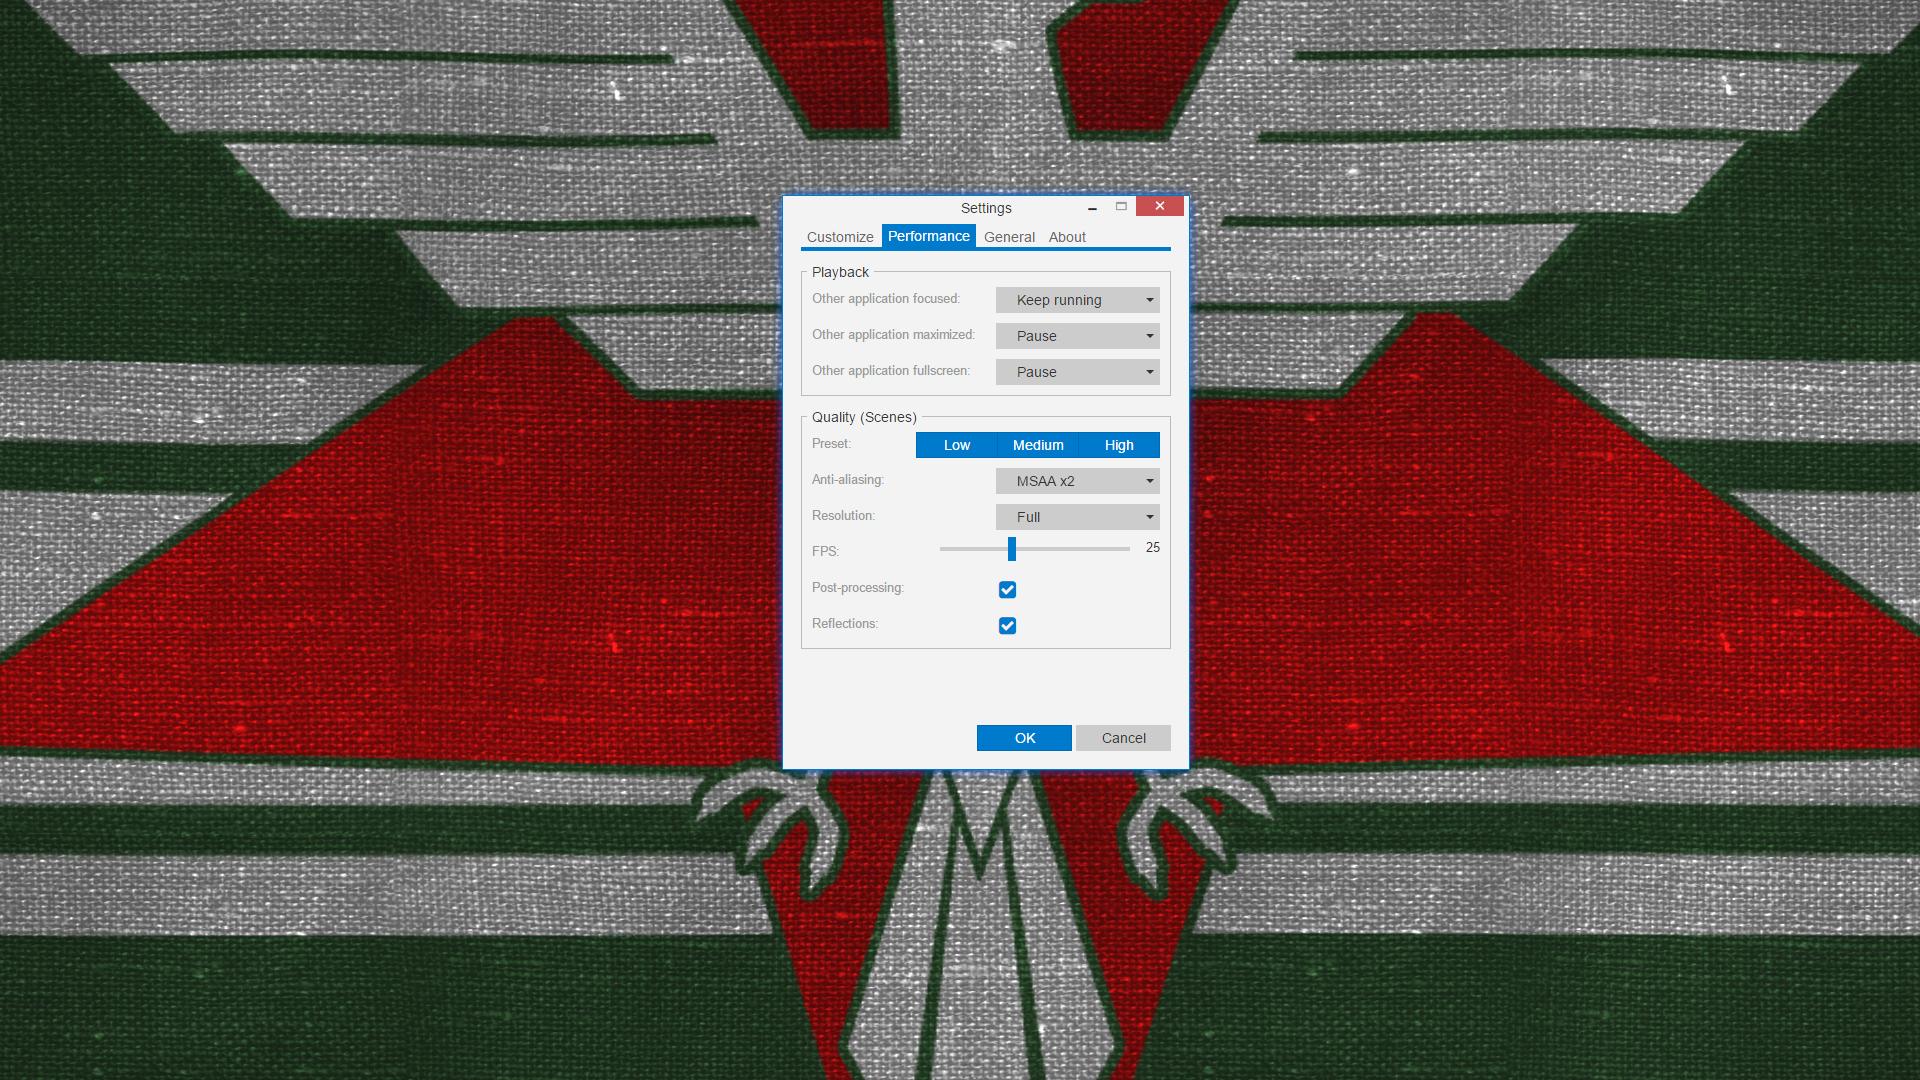 купить Wallpaper Engine ключ для Steam за 24 рублей или